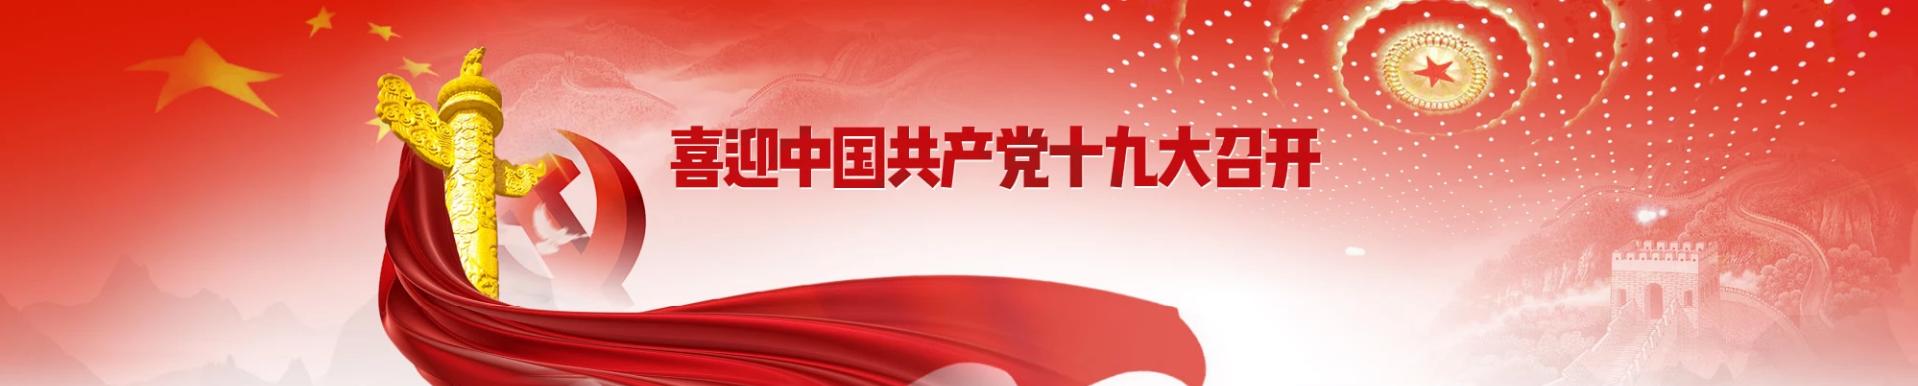 喜迎中国共产党十九大召开